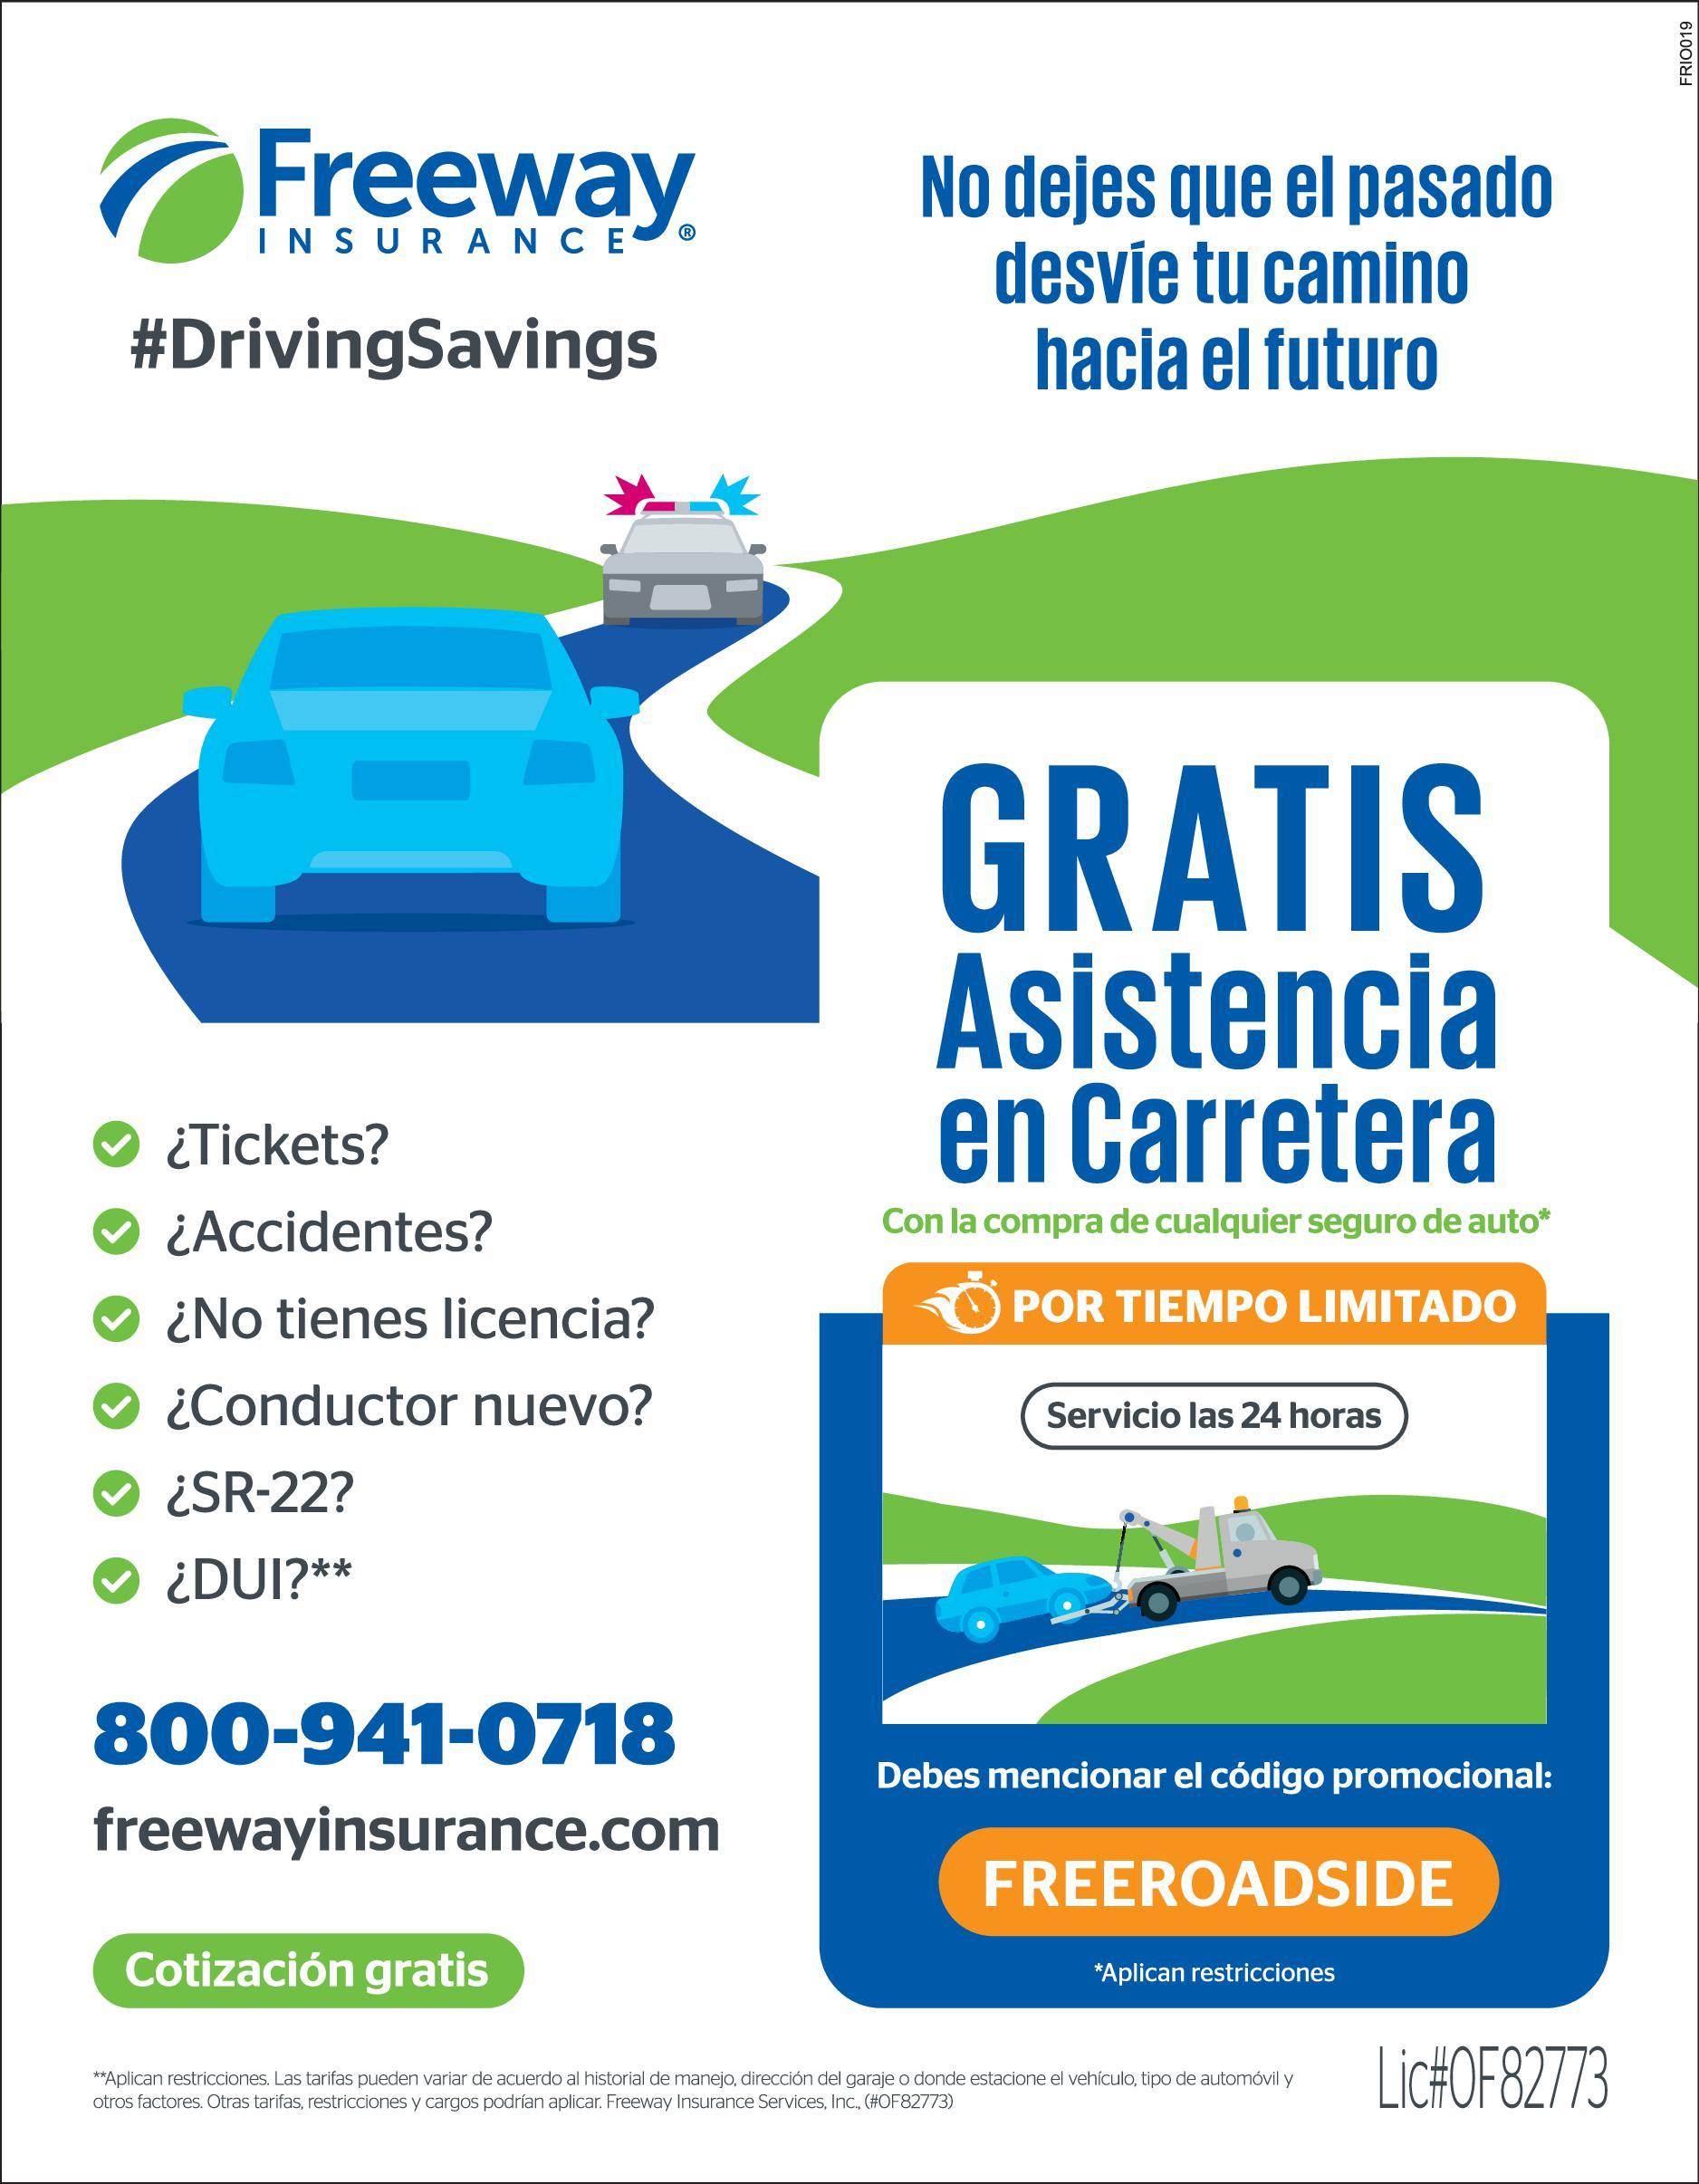 Free Way Insurance